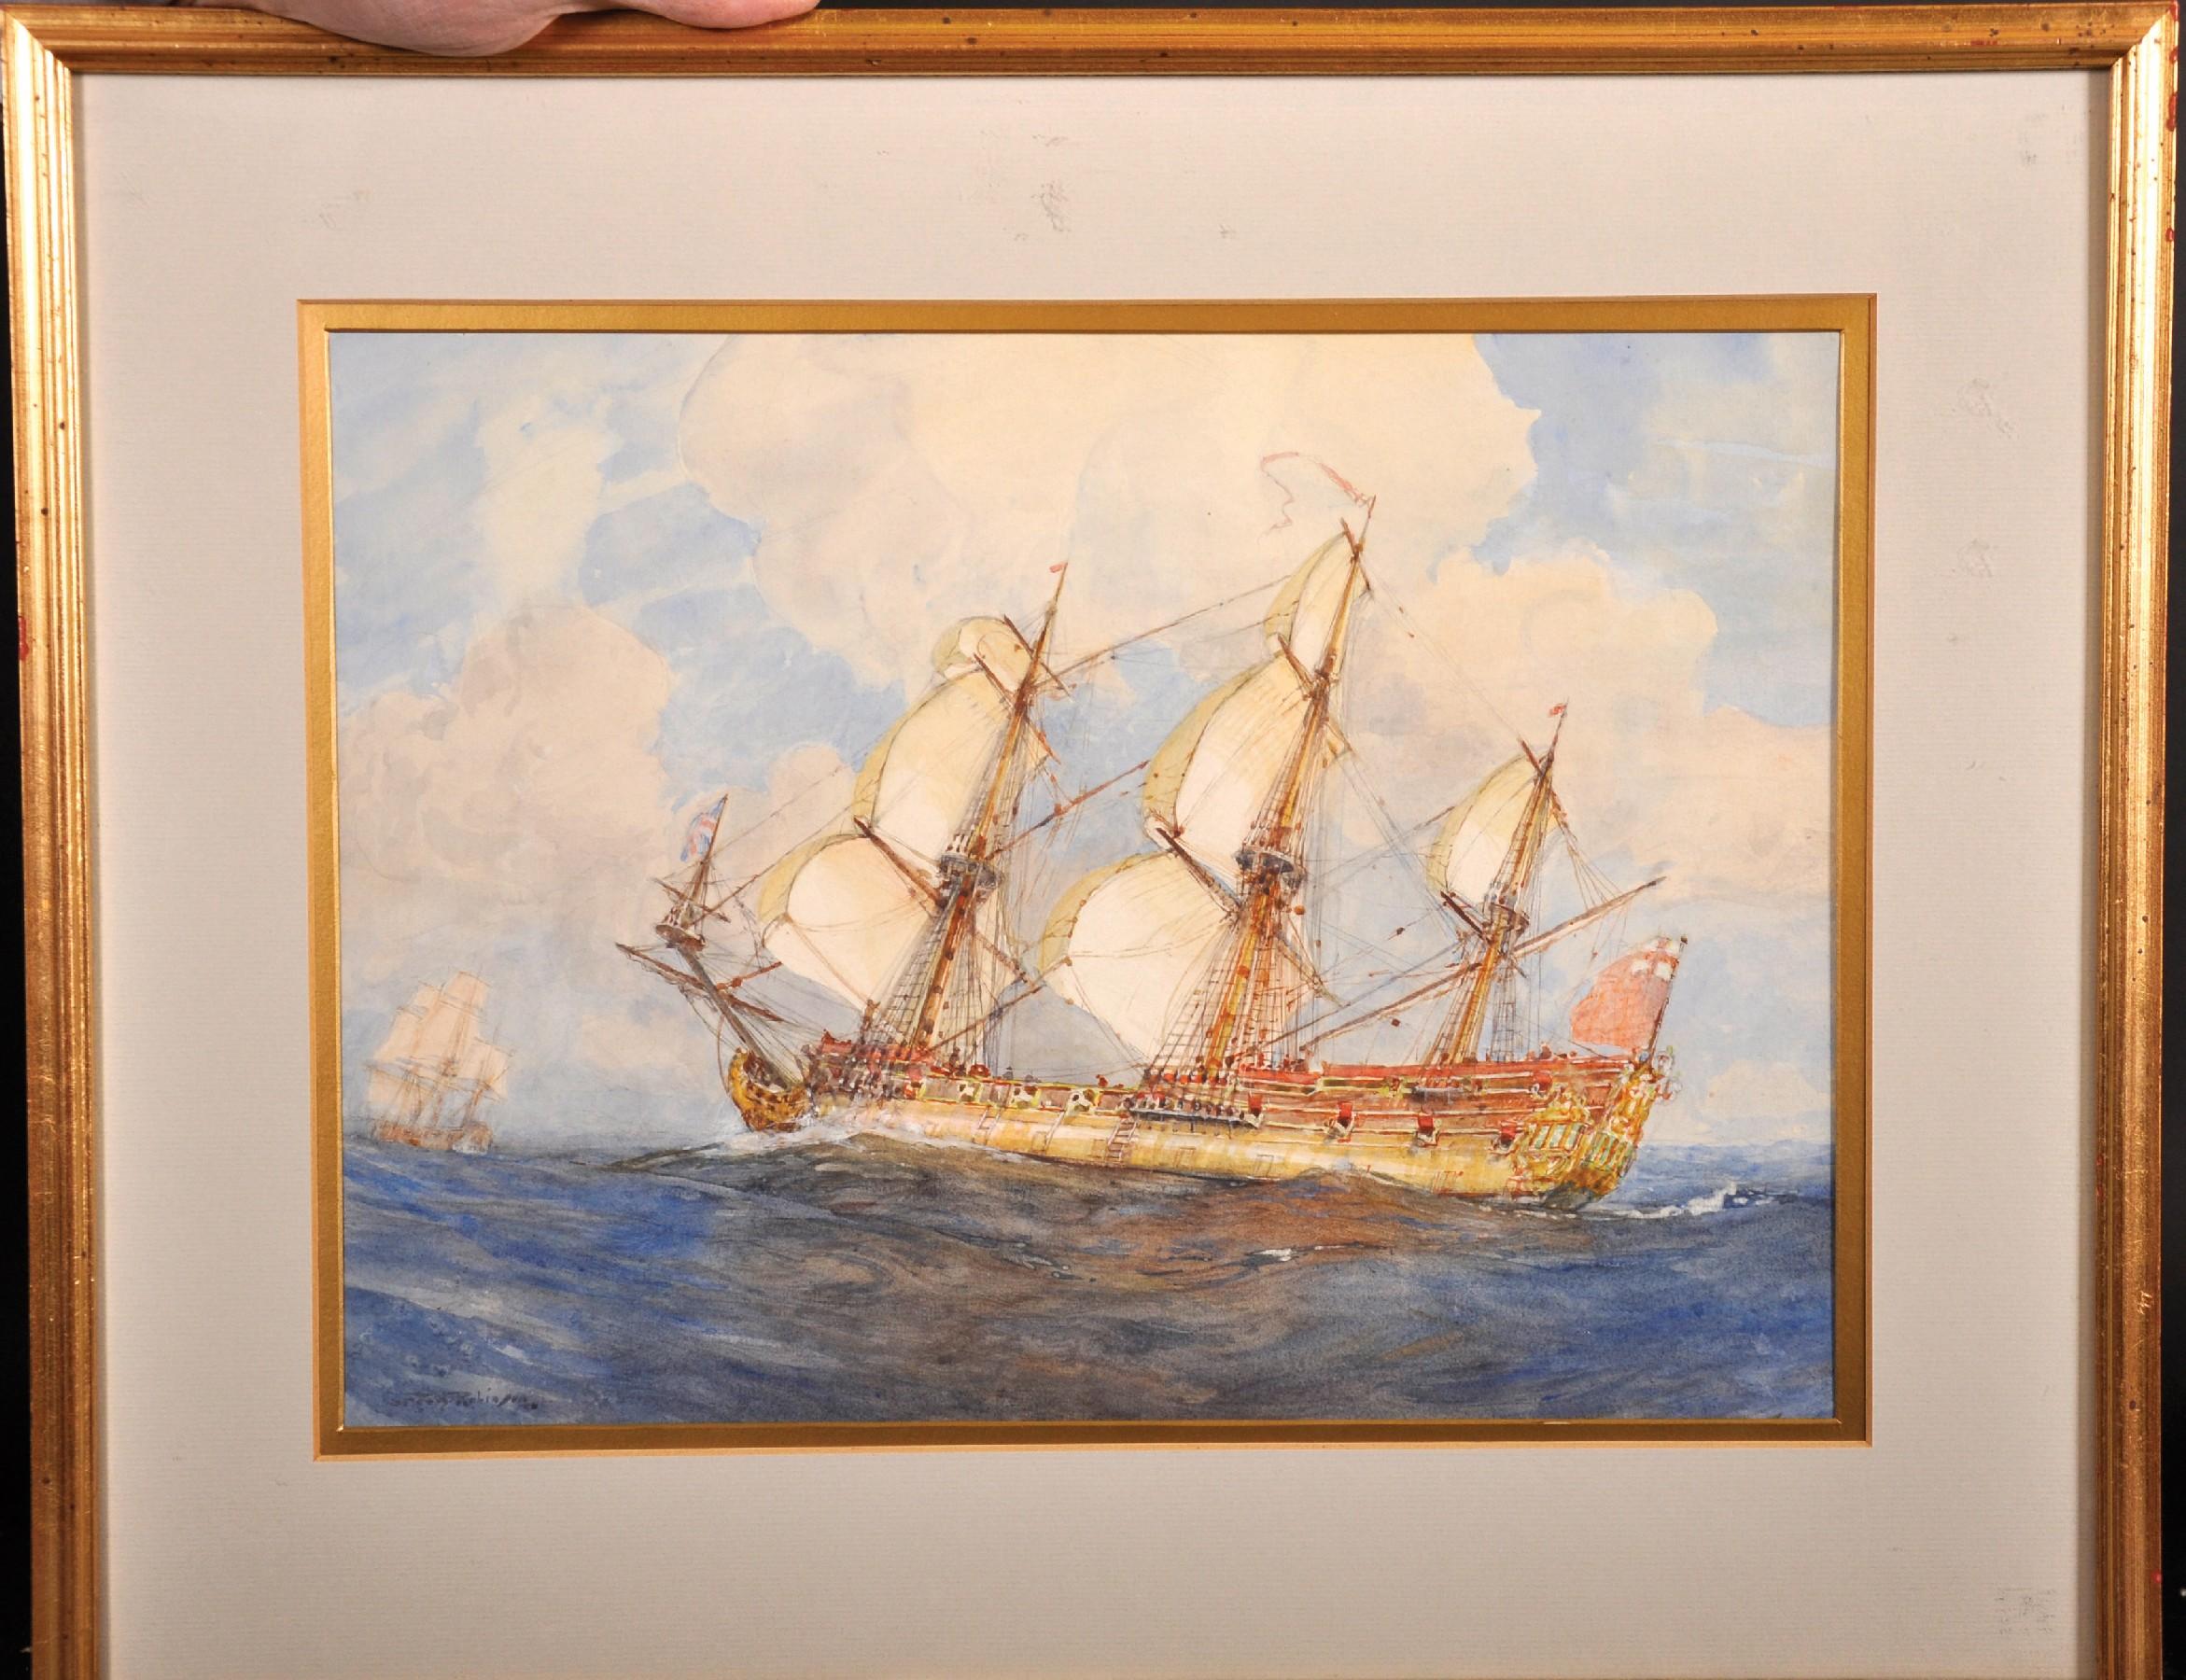 Gregory Robinson (1876-1967) British. Three Masted Sailing Ship at Sea, Watercolour, Signed, 10. - Image 2 of 5